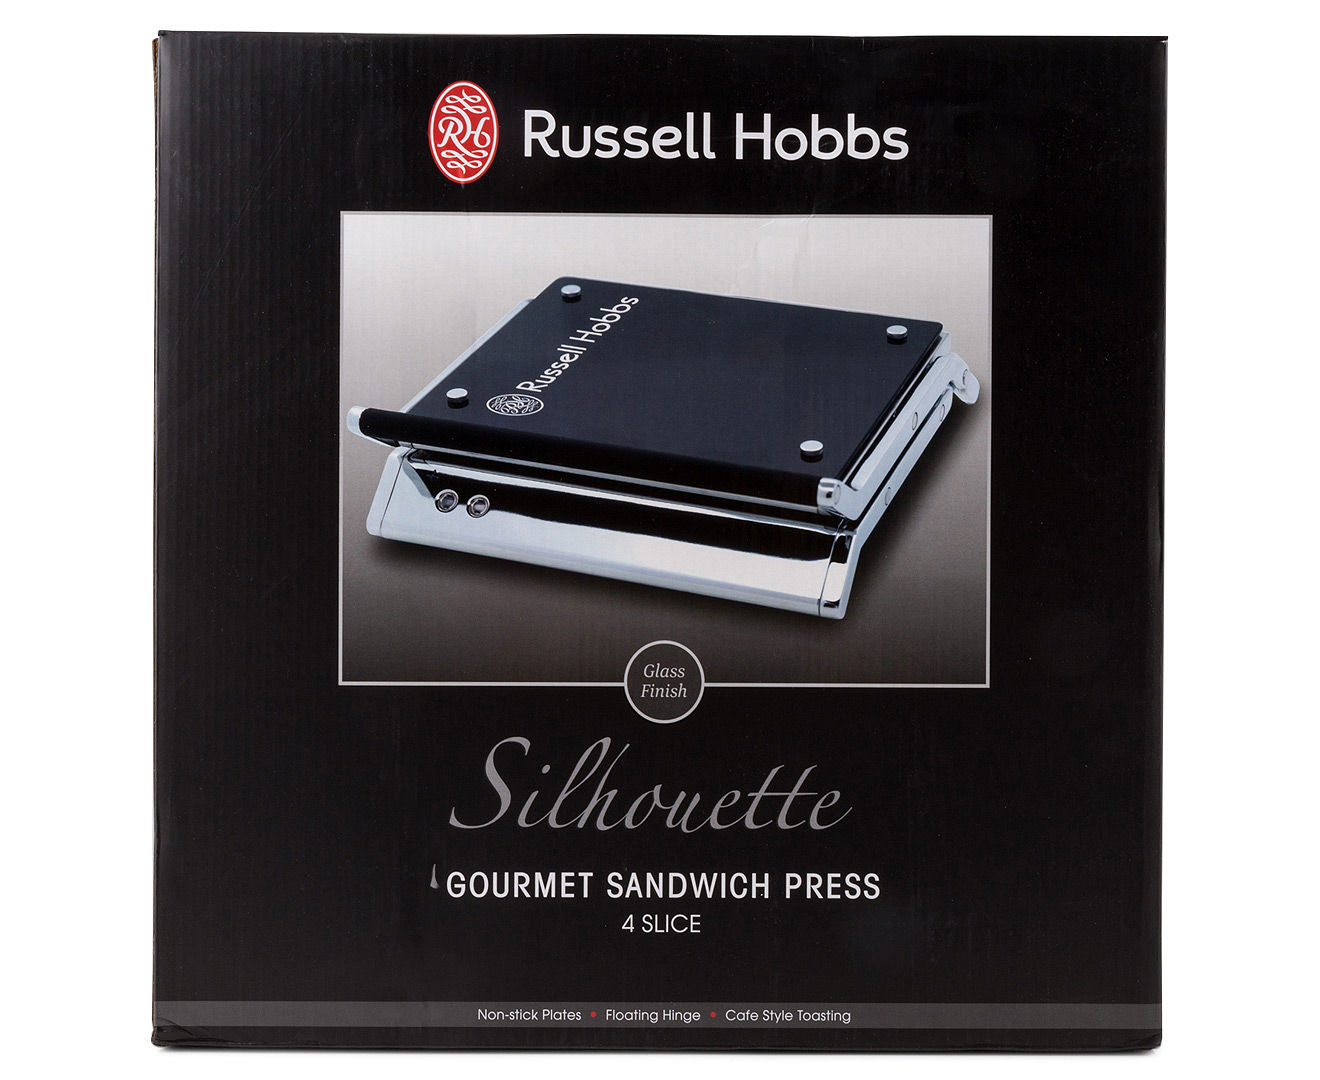 Russell hobbs glass panini press - Russell Hobbs Glass Panini Press 22